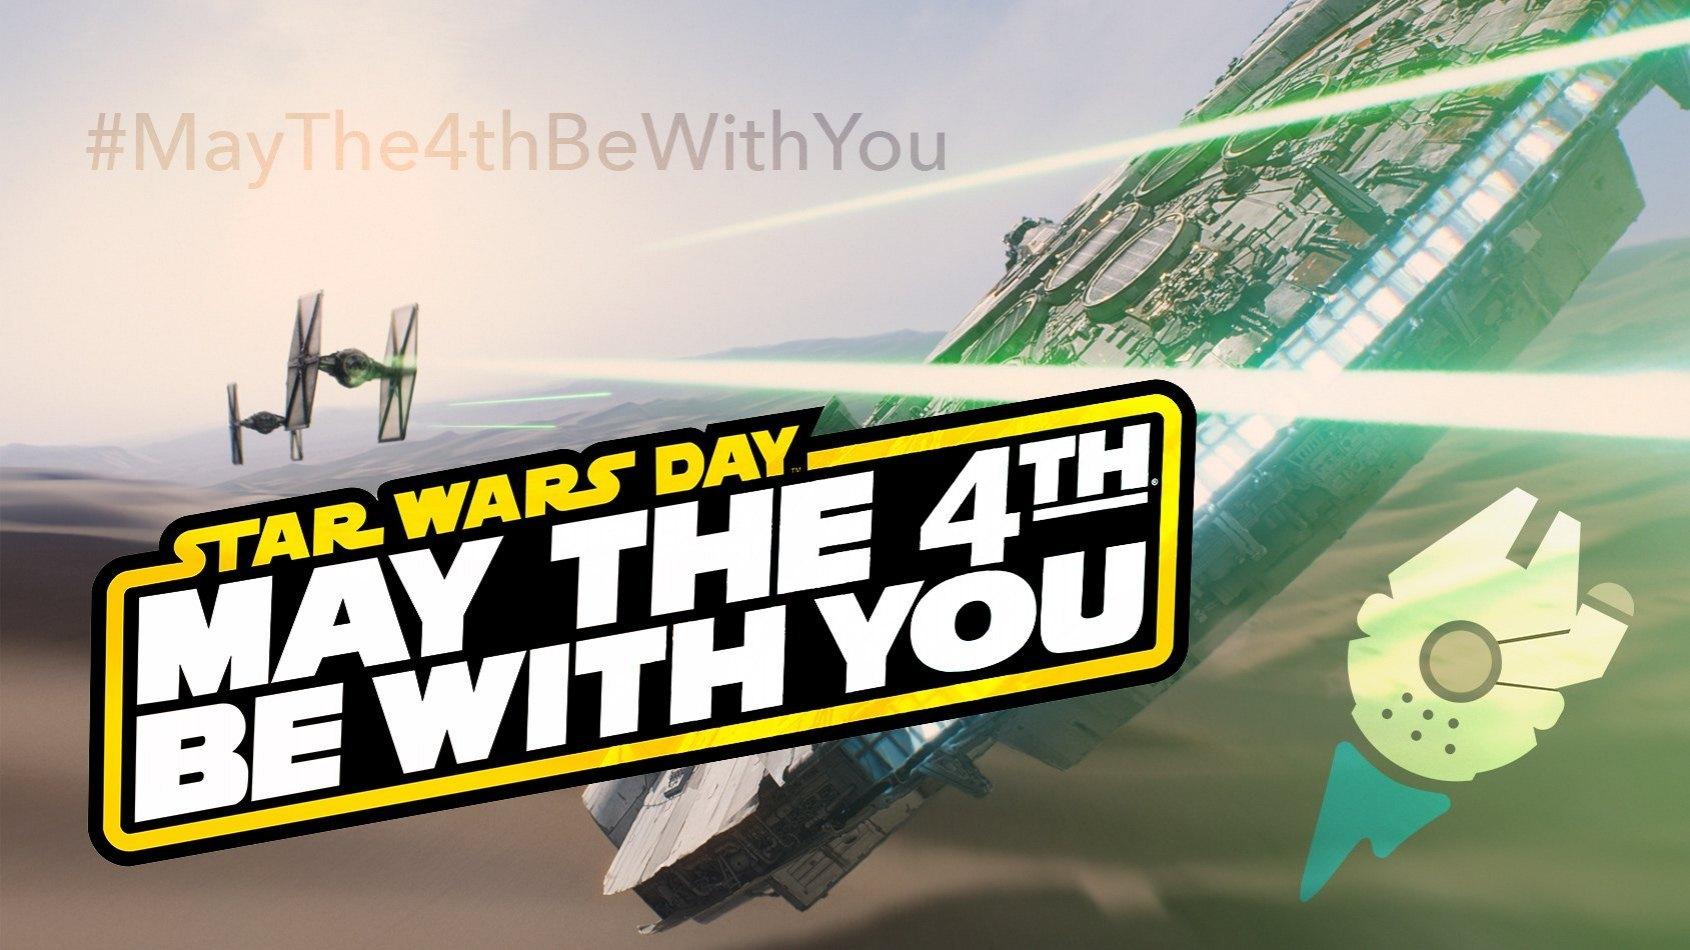 La Journée Star Wars chez Disney Store et un grand concours !